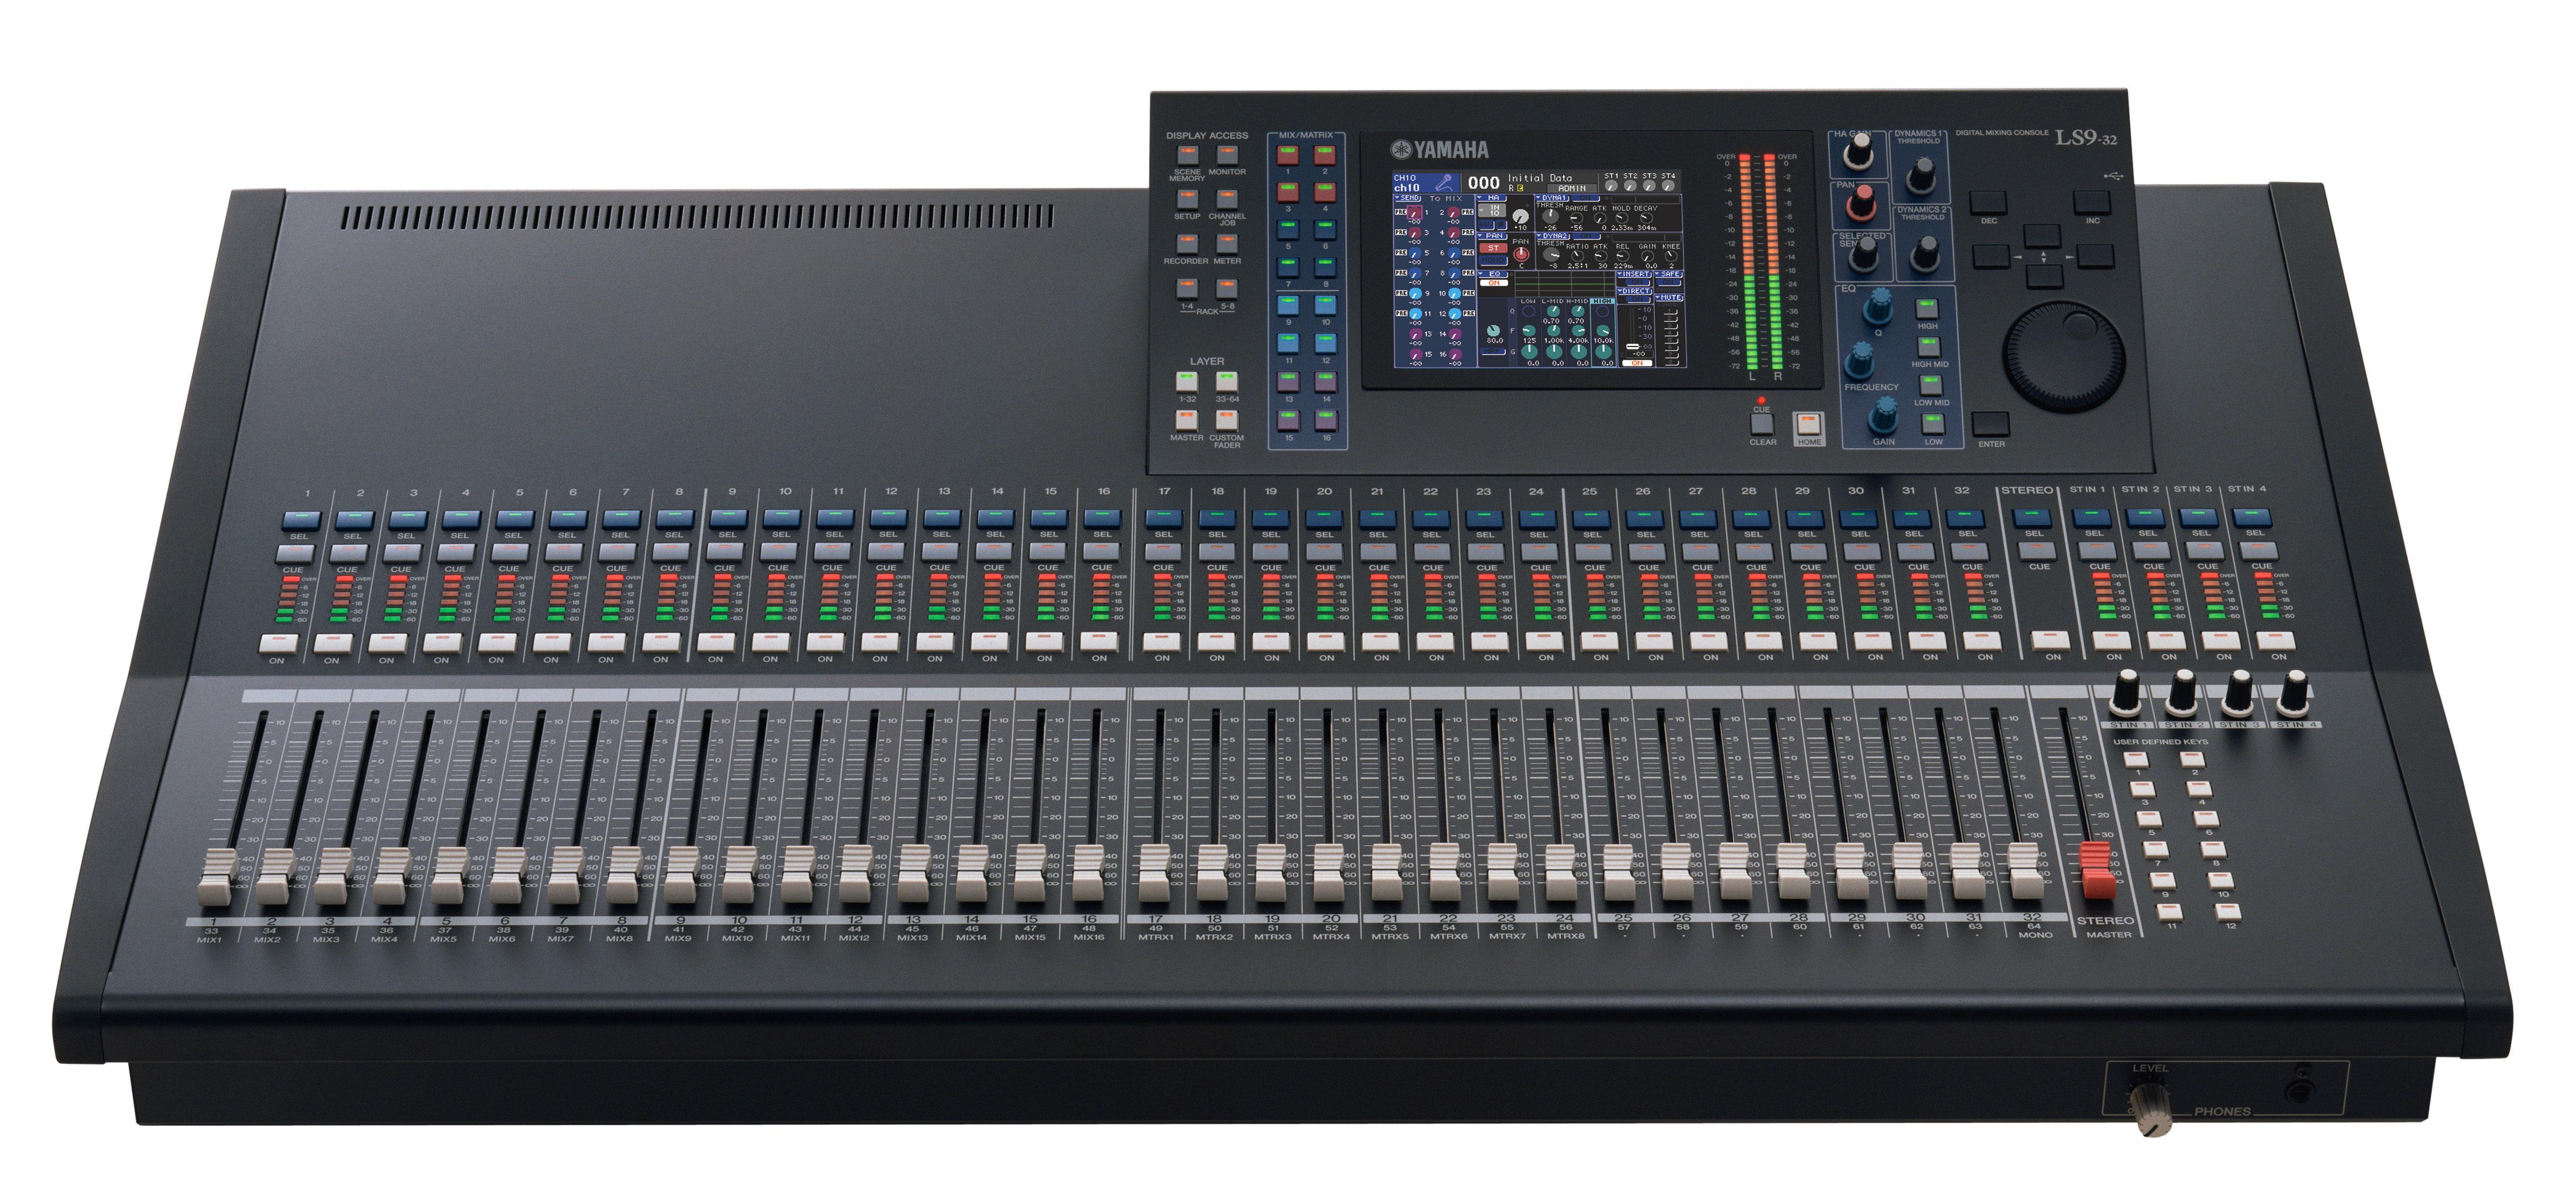 Цифровой микшер YAMAHA LS9-32 Цифровой микшер YAMAHA LS9-32.  Производство: Япония.  Музыкальные инструменты.